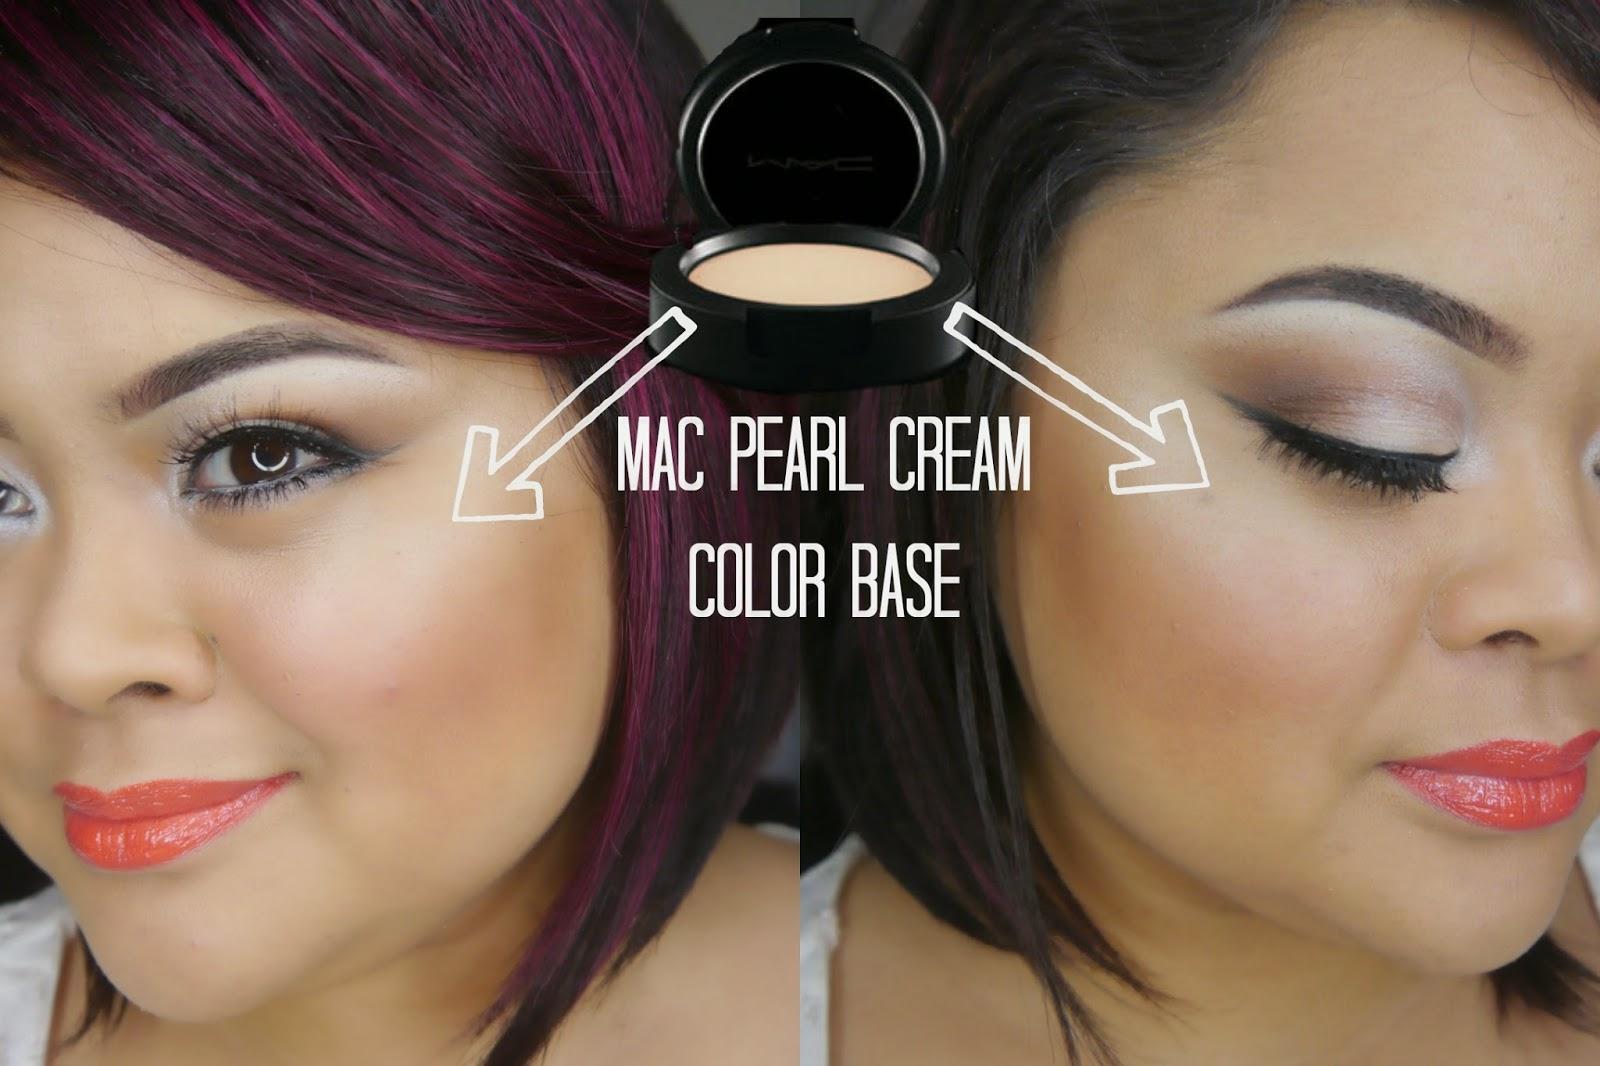 mac_creamcolorbase_pearl.jpg